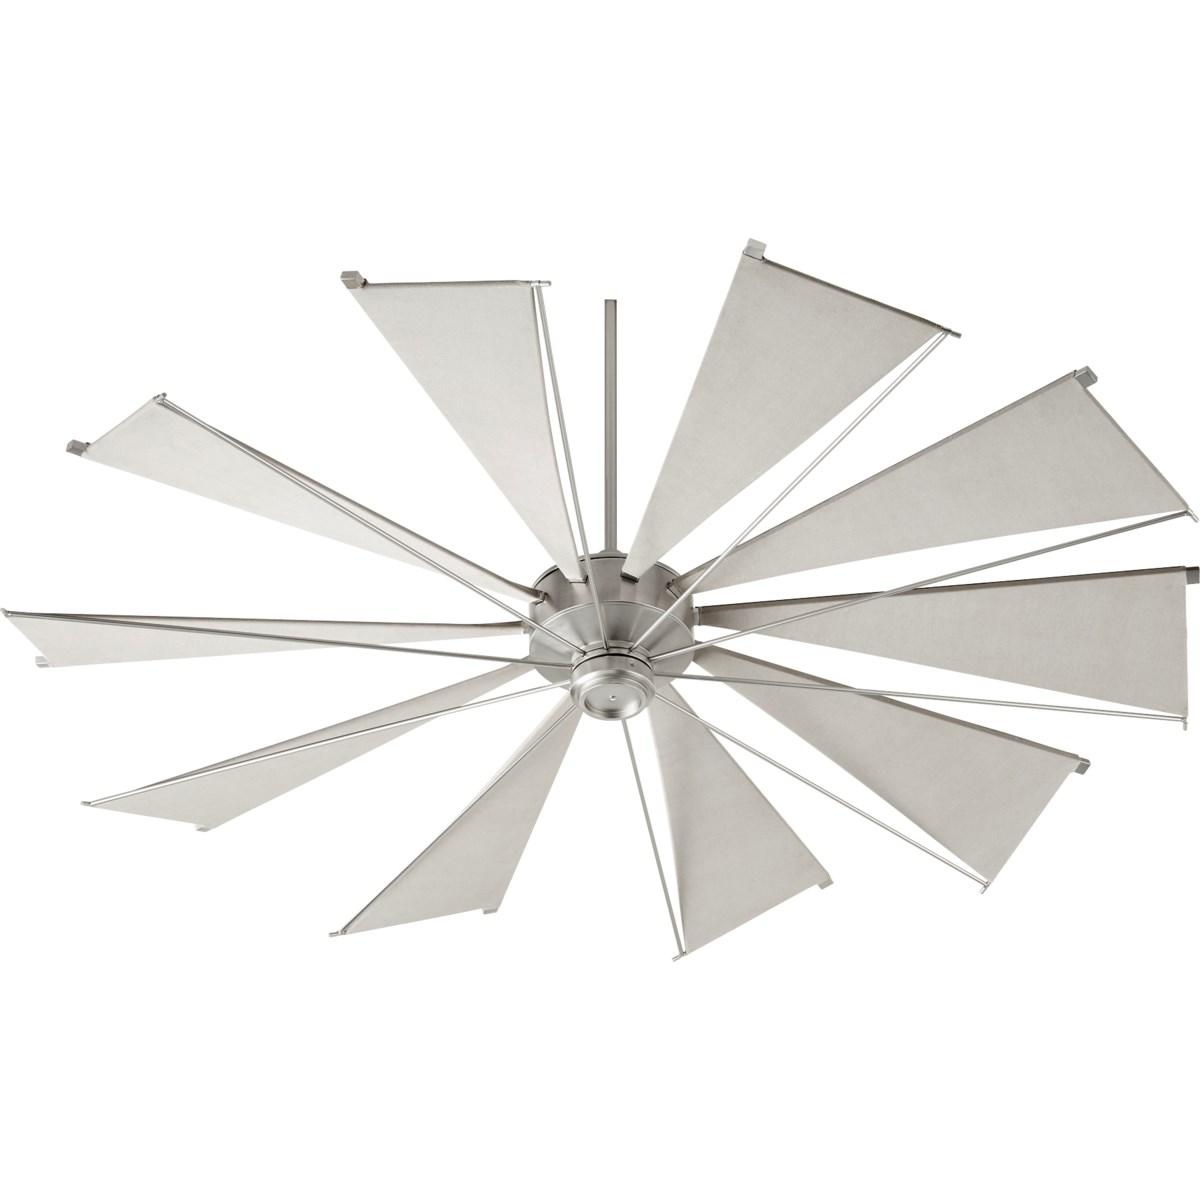 Mykonos 72-in 10 Blade Satin Nickel Transitional Ceiling Fan